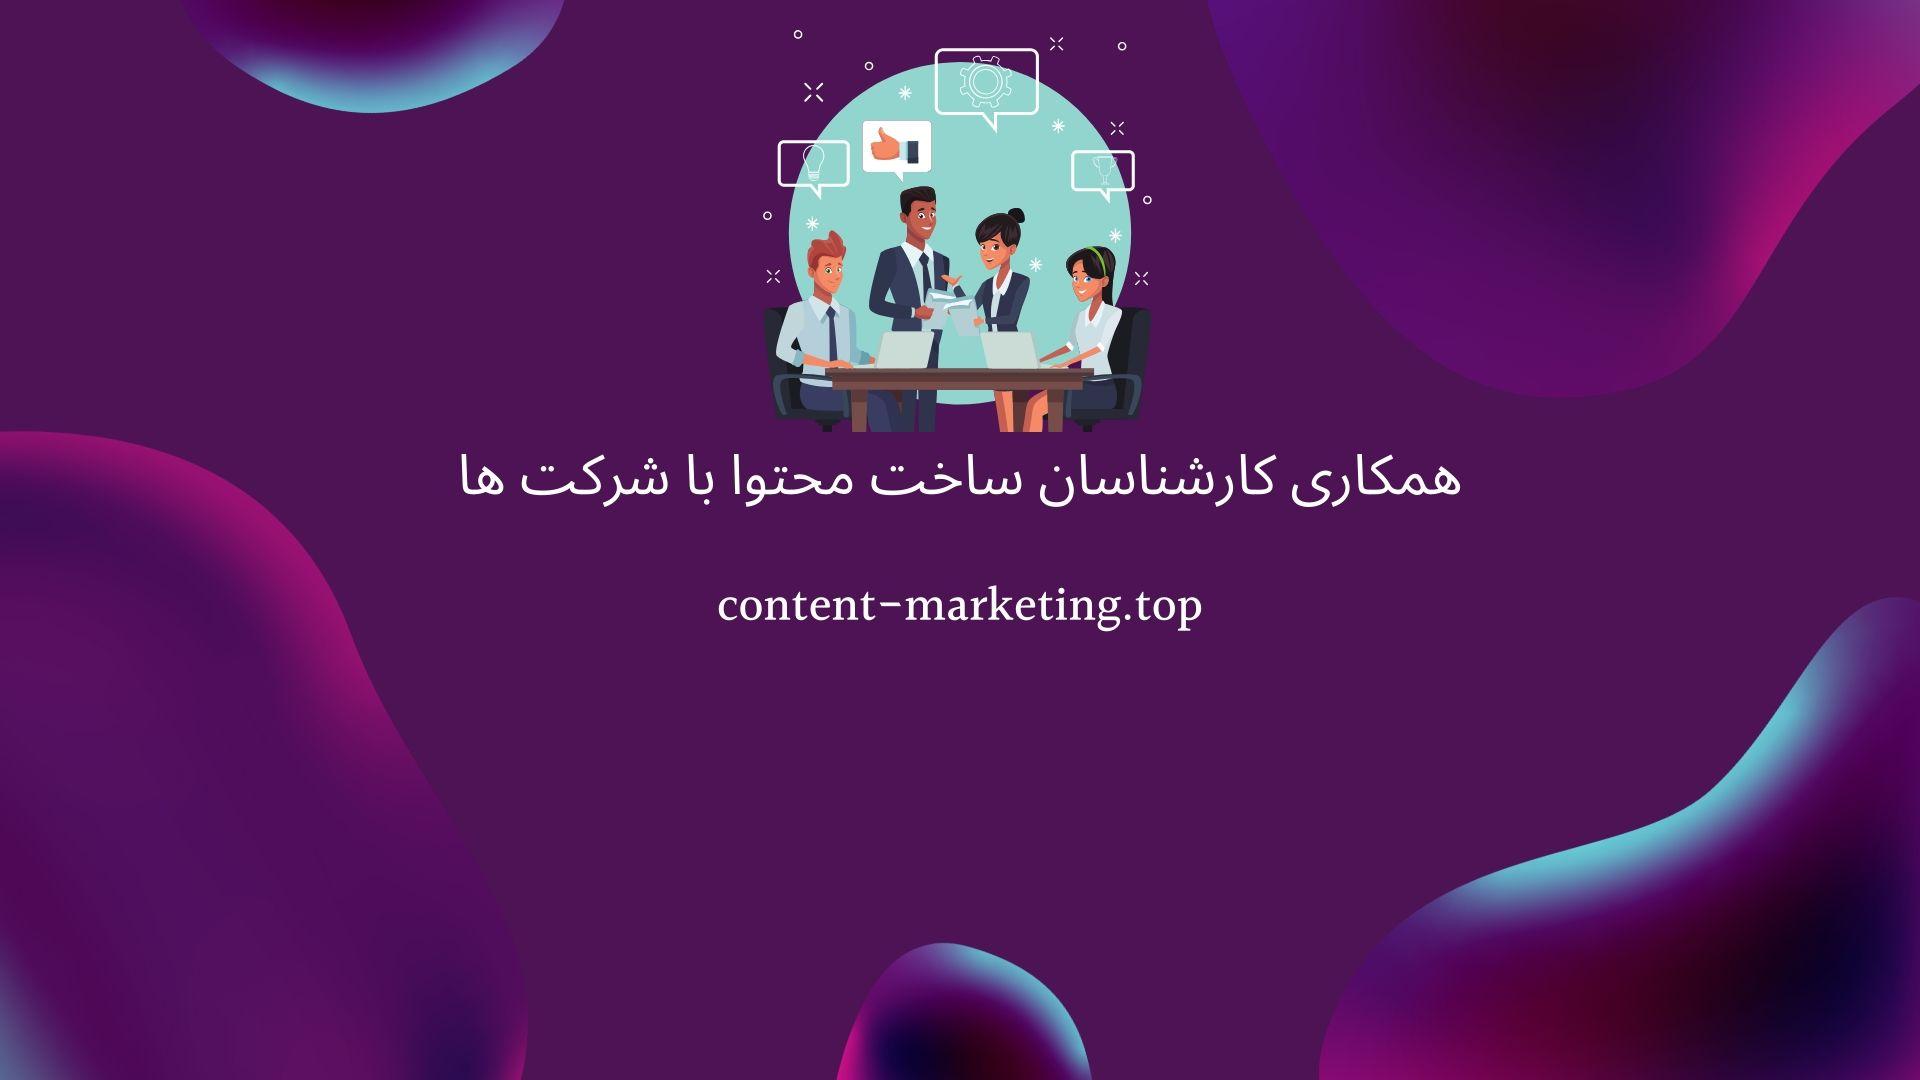 همکاری کارشناسان ساخت محتوا با شرکت ها